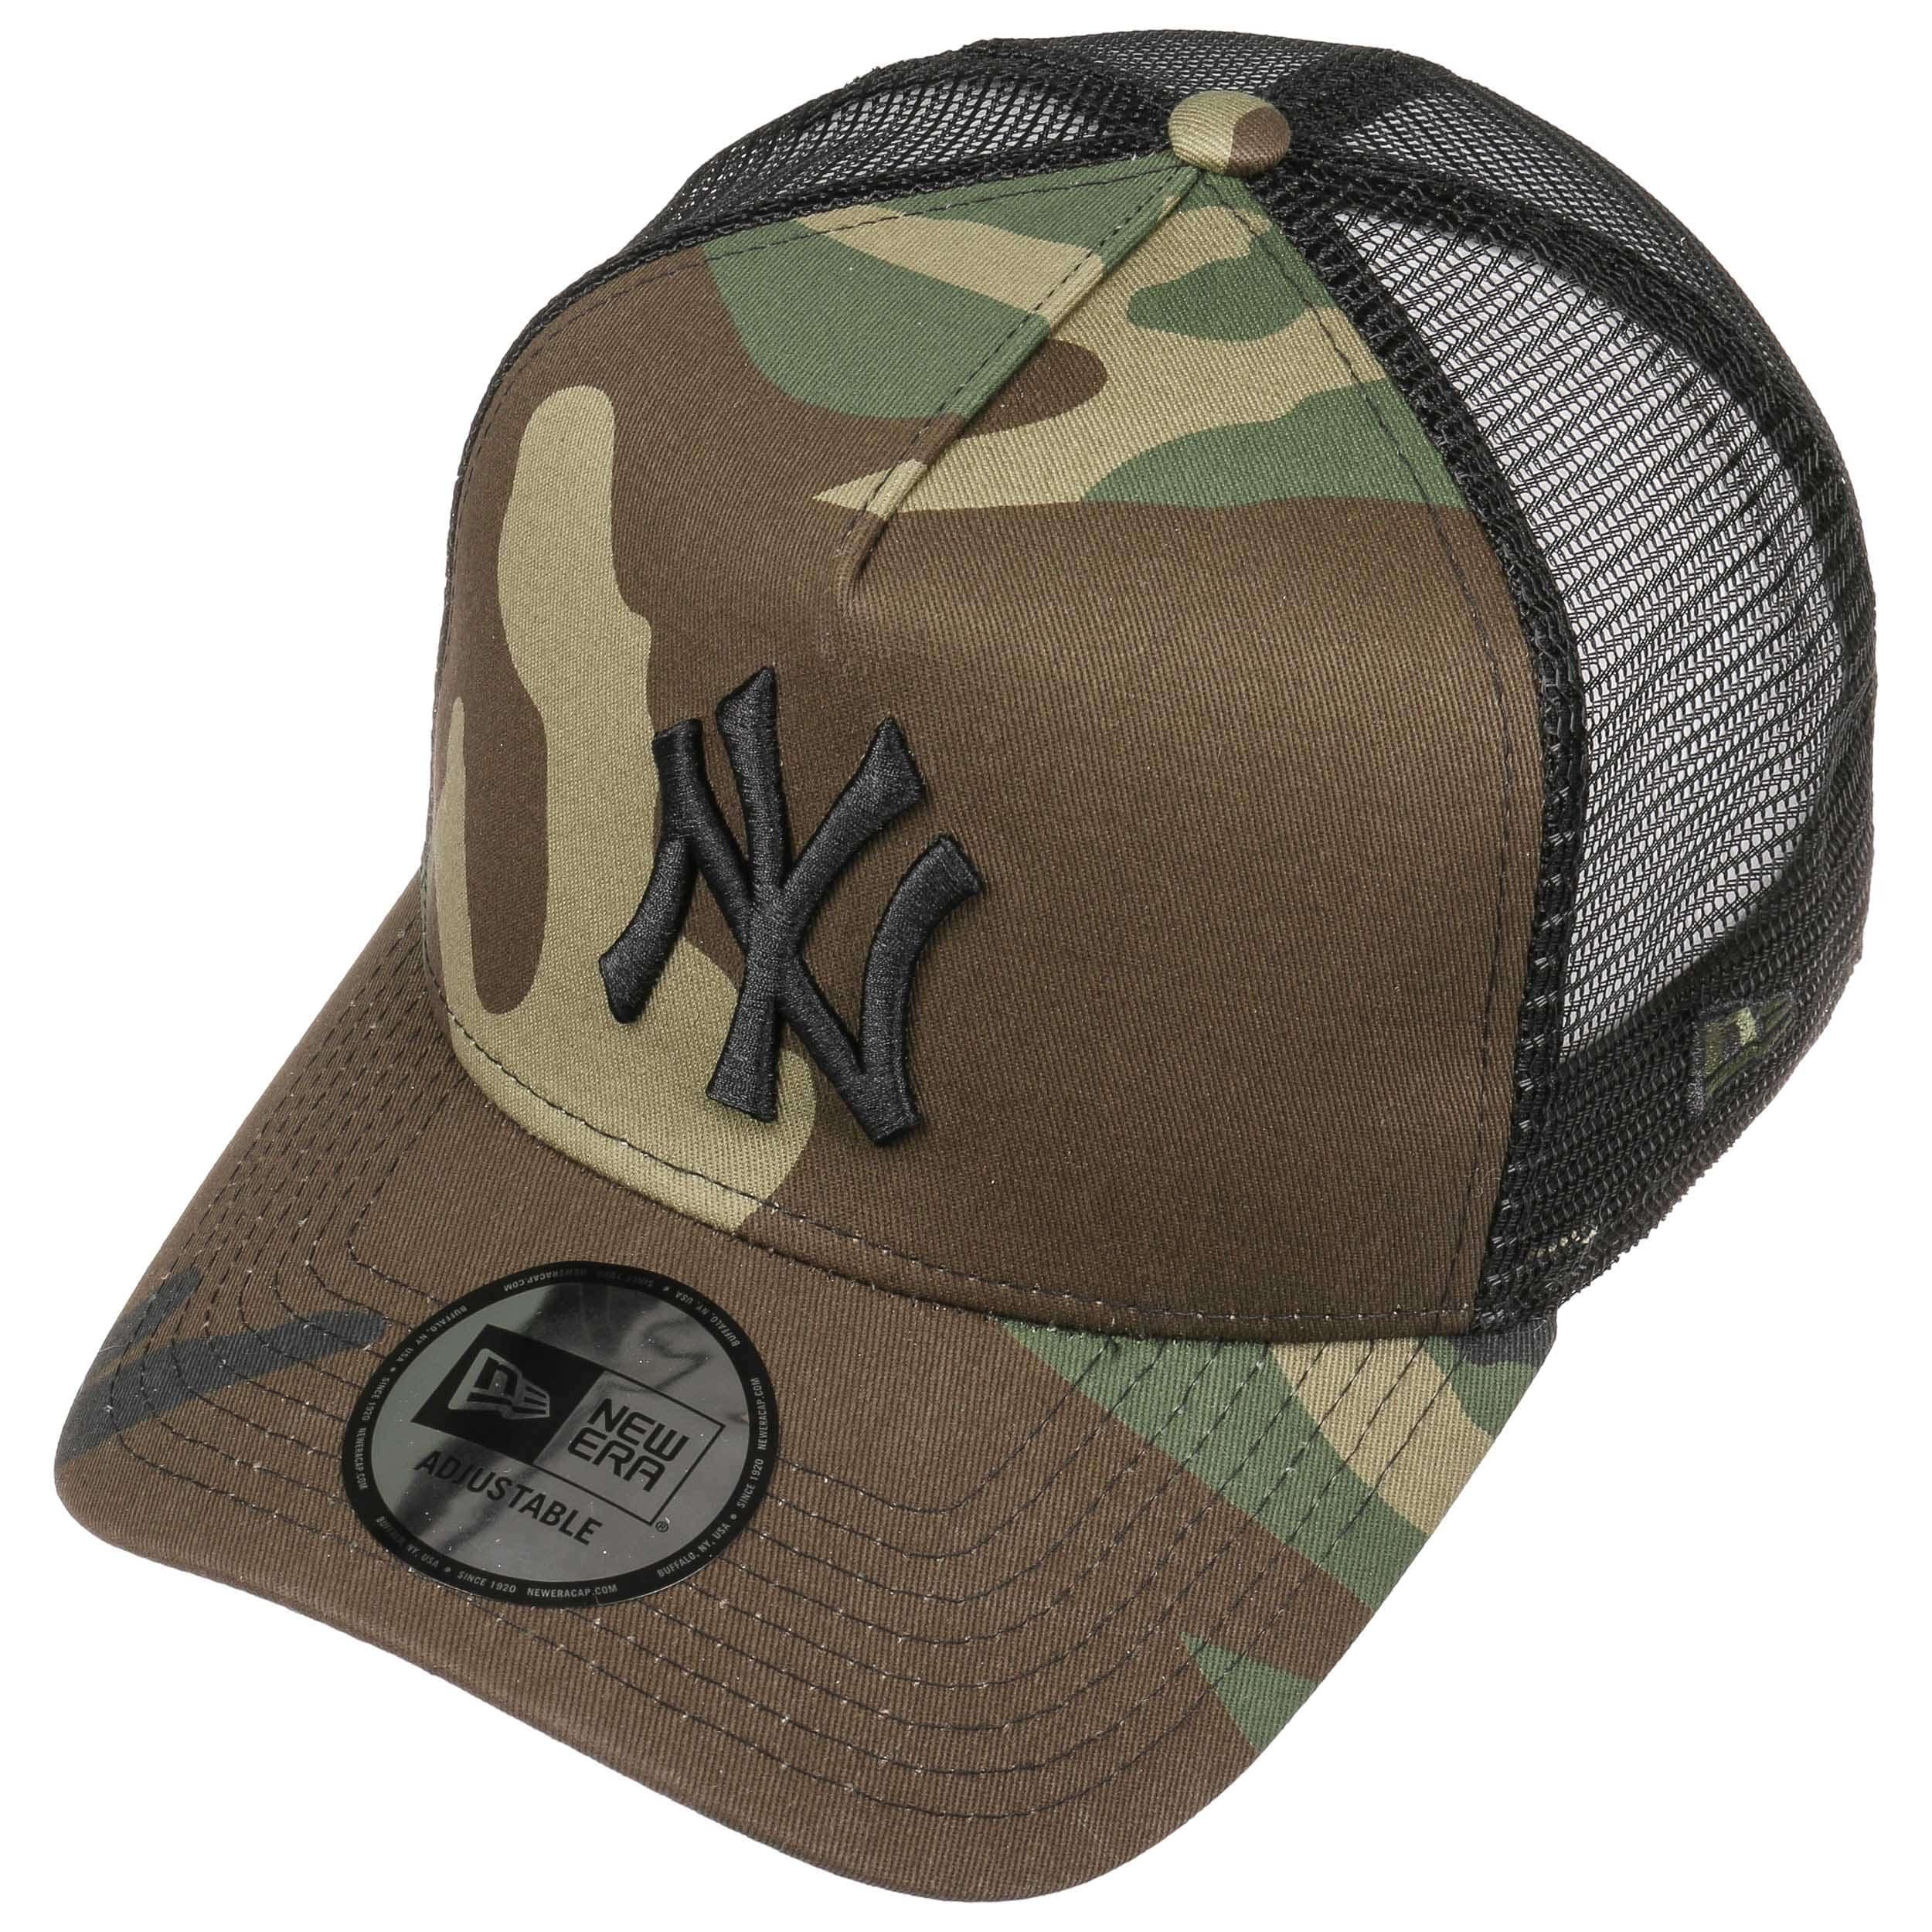 Mossy Oak Camouflage Chapeau Lumière DEL réglable Casquette de baseball DEL Lens New